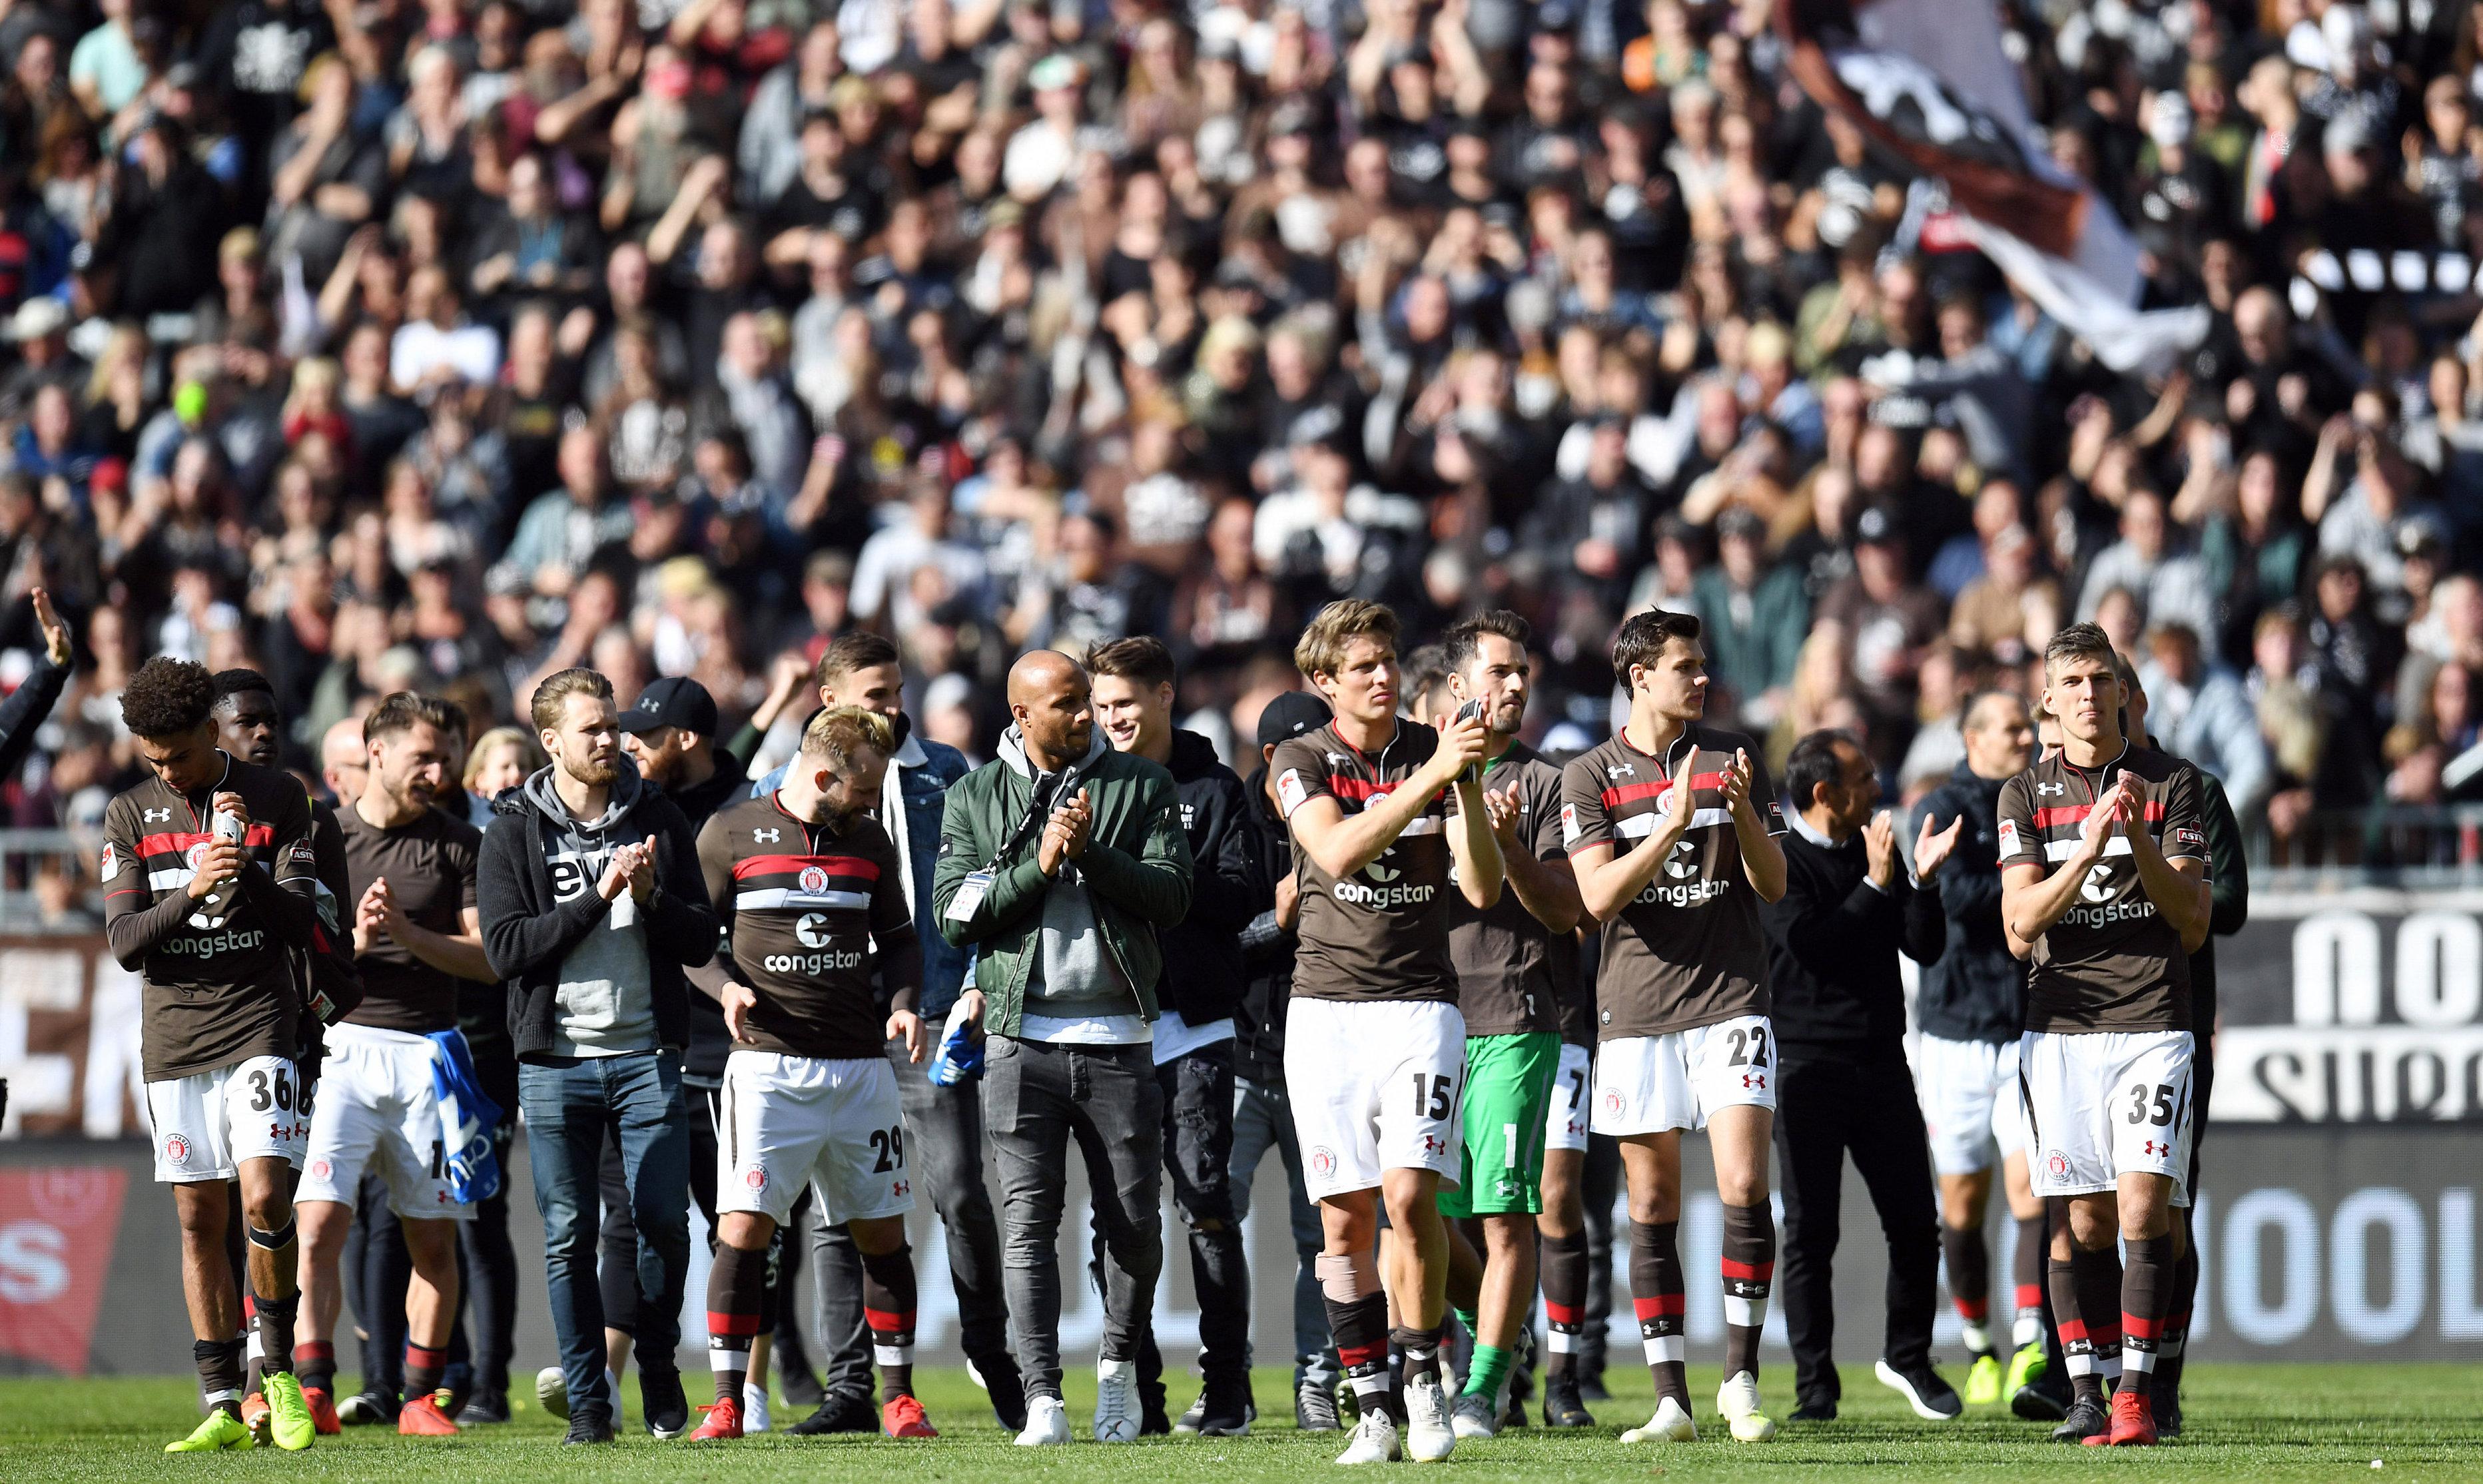 Die letzten 90 Minuten: Kiezkicker wollen positiven Saisonabschluss in Fürth